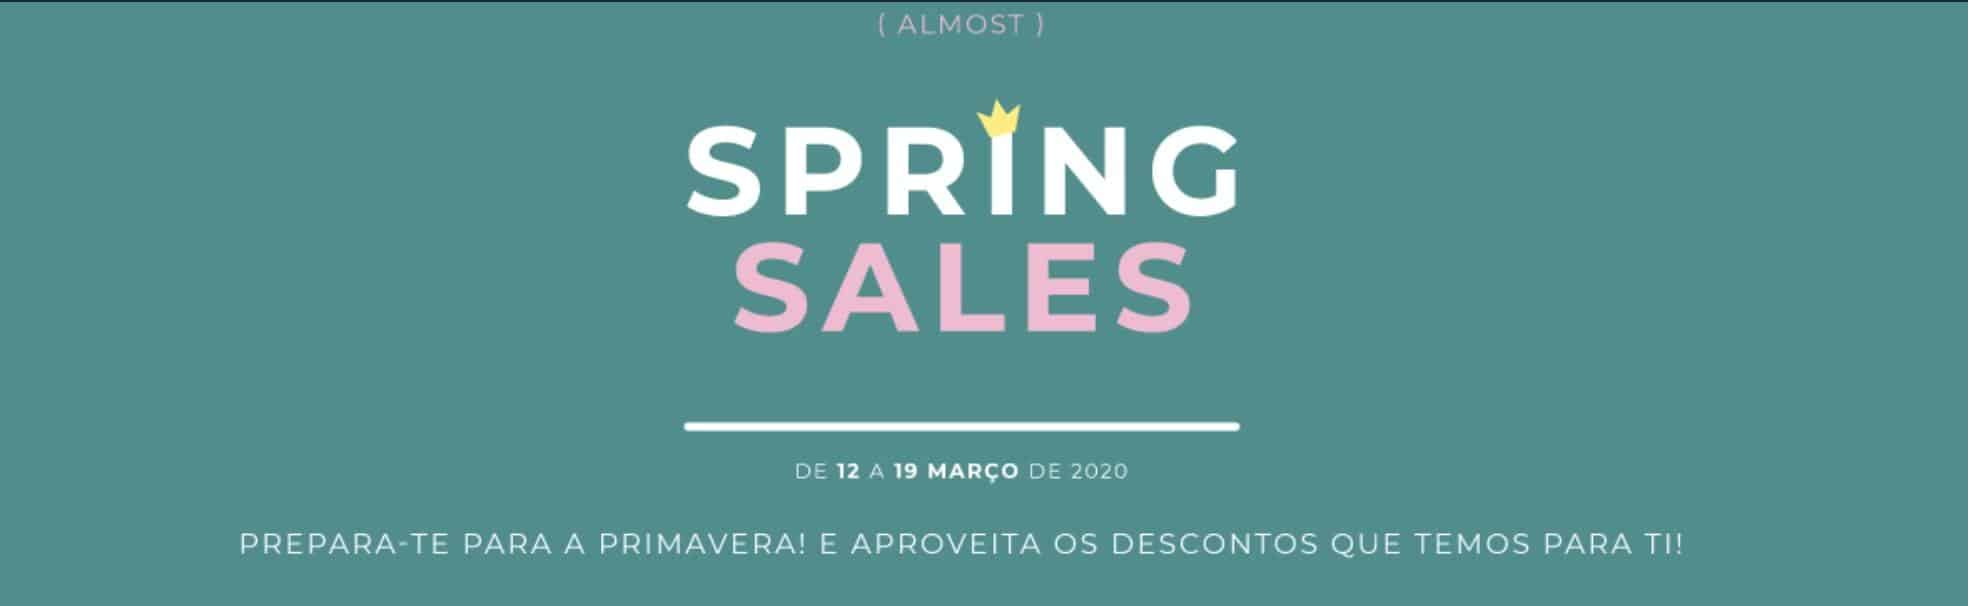 GlobalData, Spring Sales